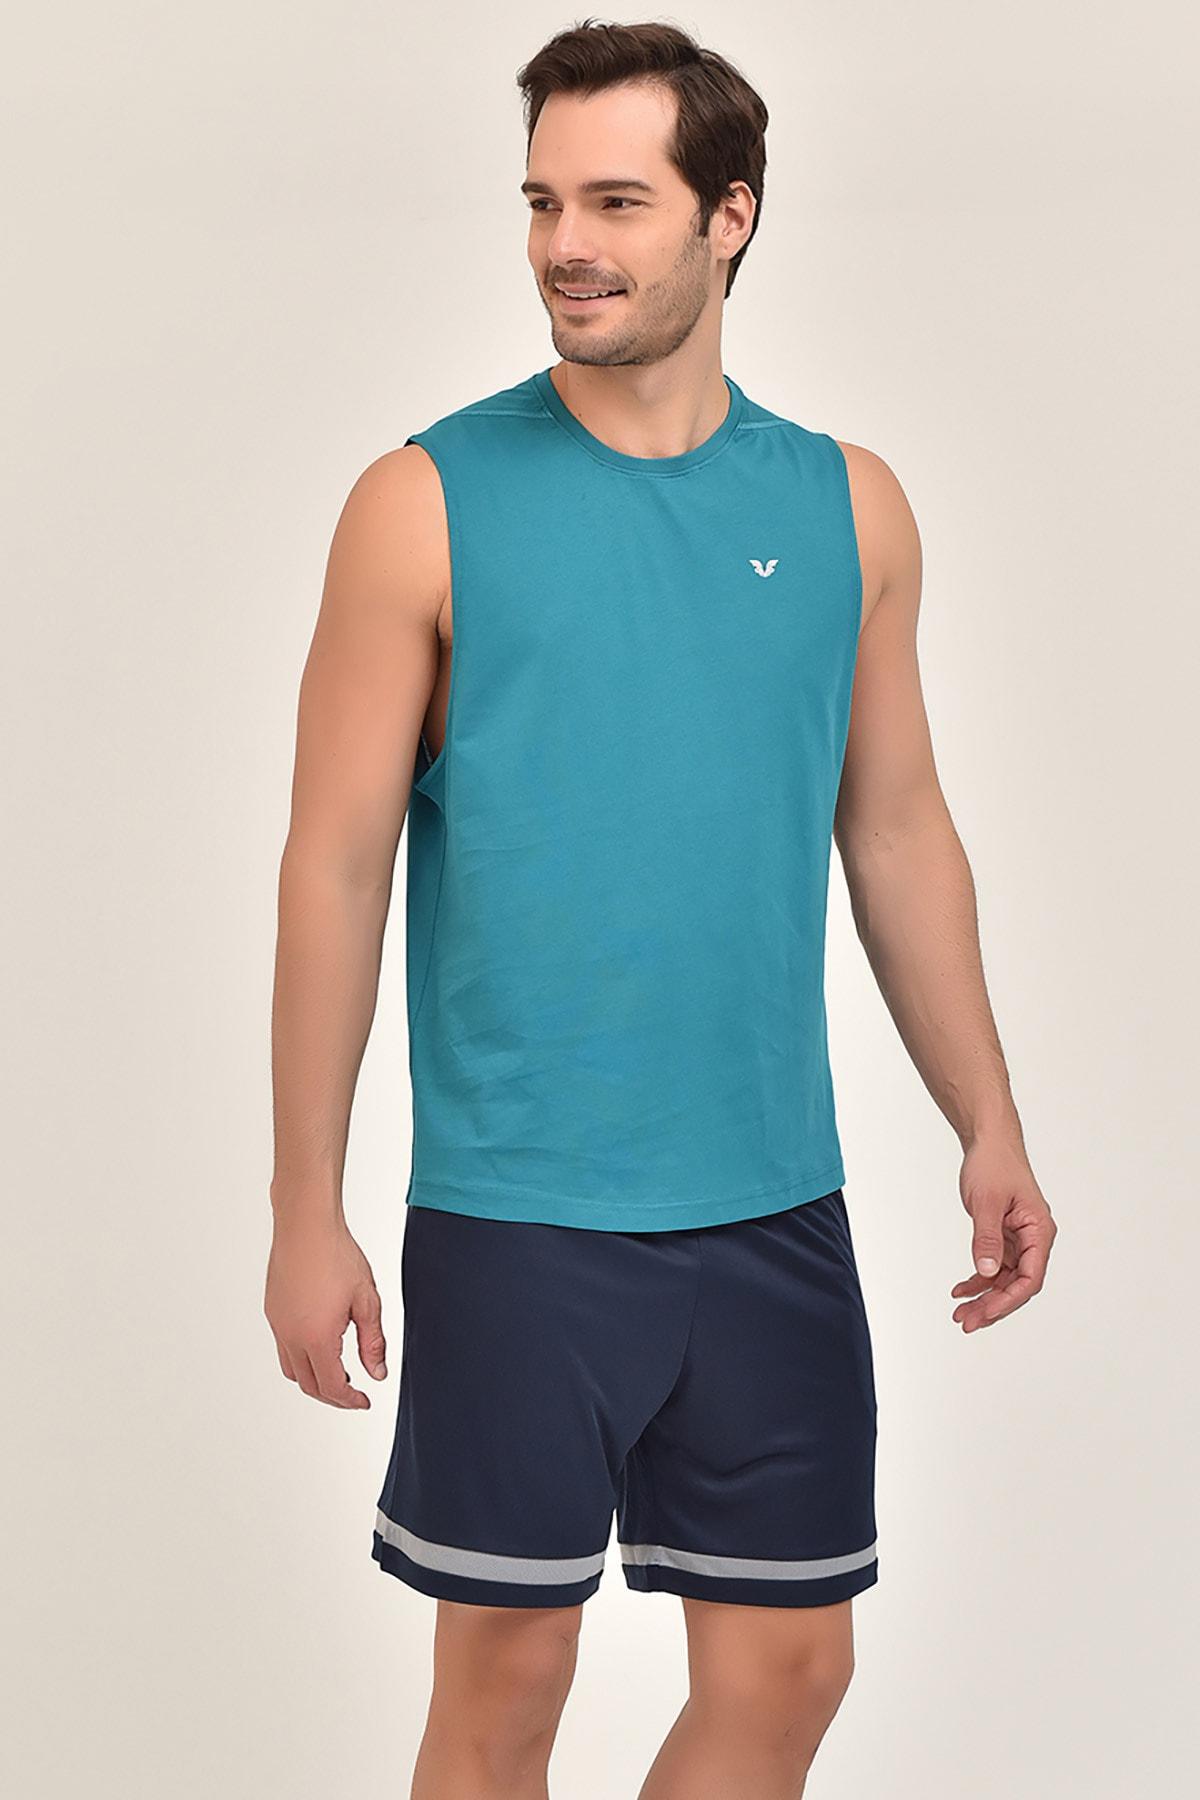 bilcee Yeşil Pamuklu Erkek Atlet FS-1622 1